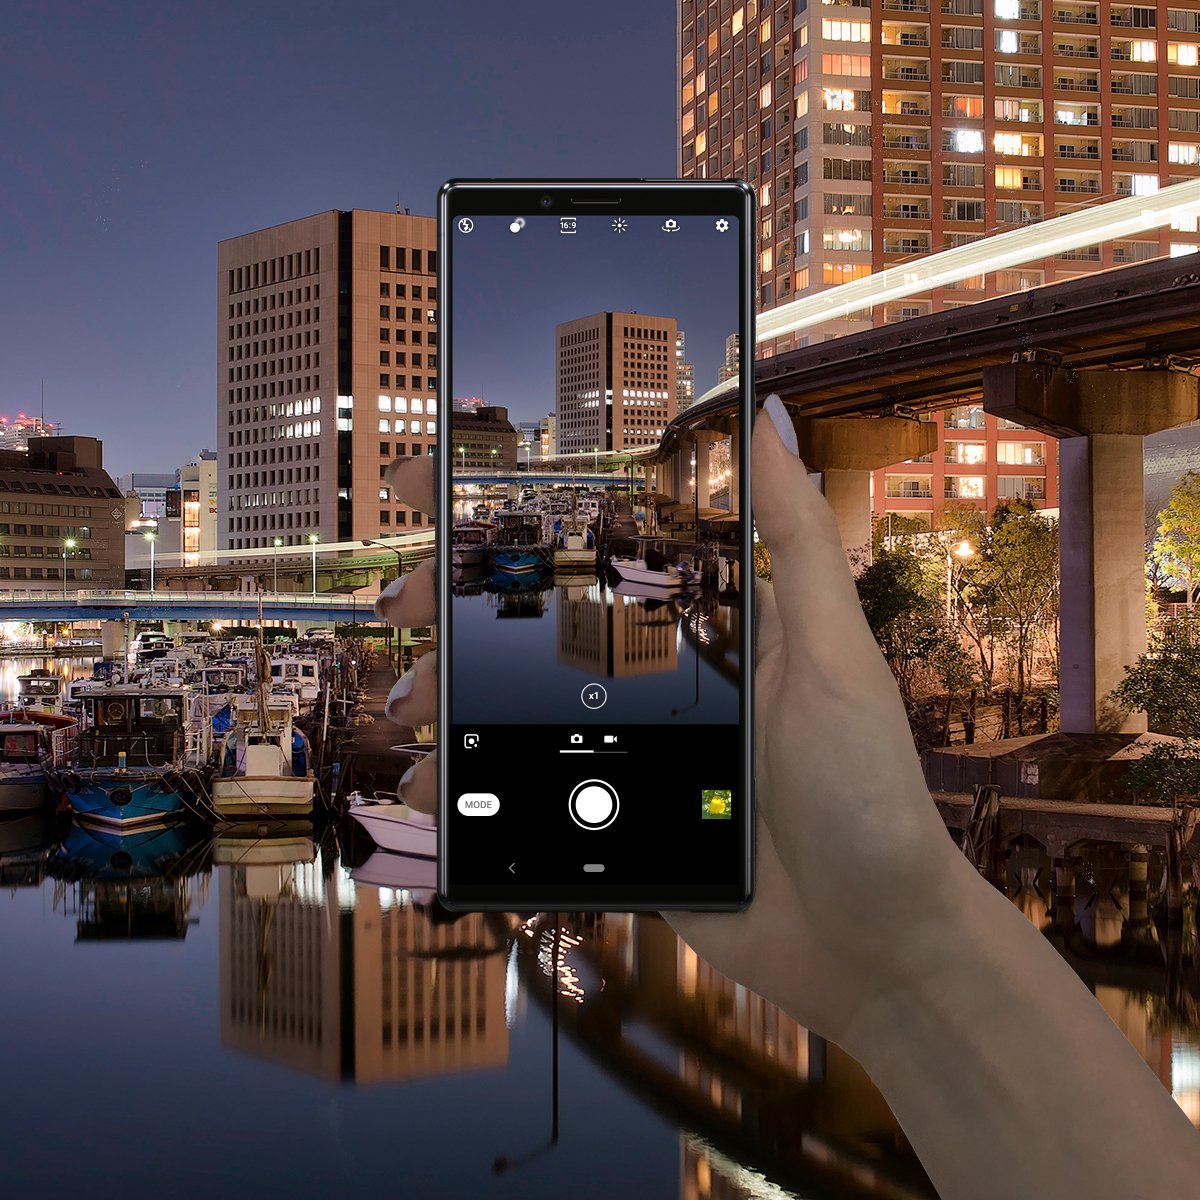 также приложения для фото ночью летучая снялась обнаженной